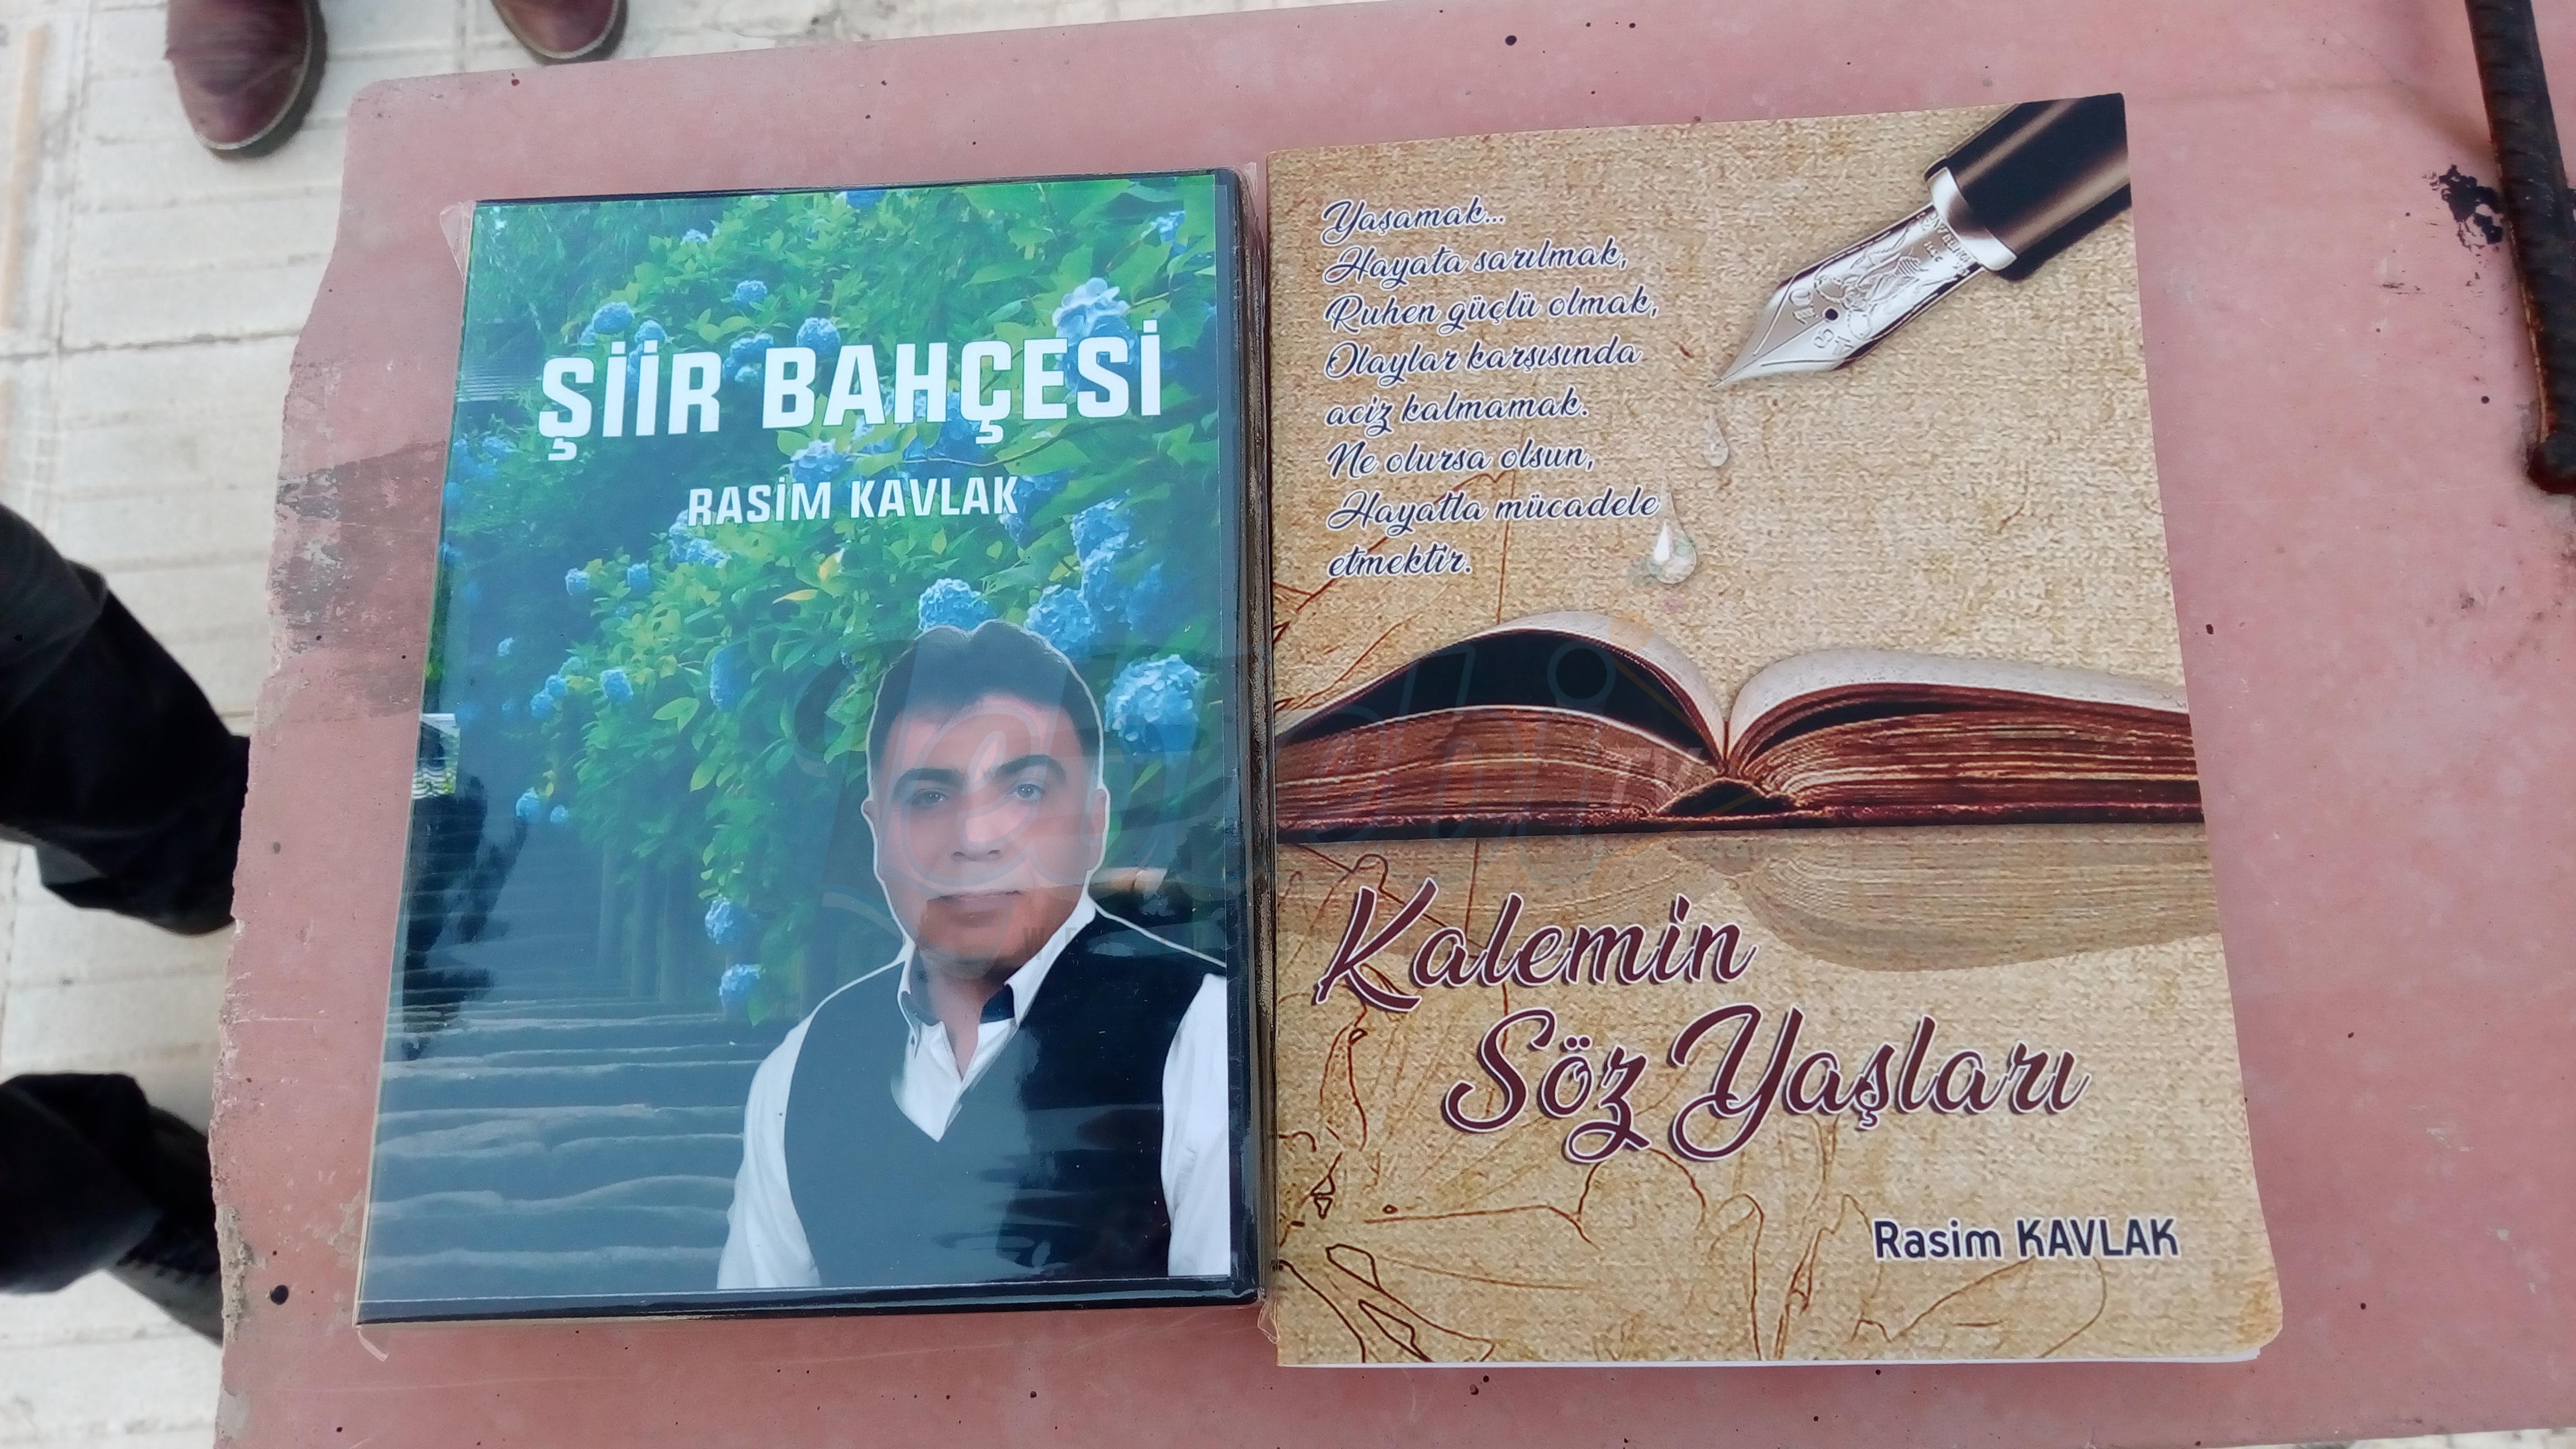 Rasim Kavlak'tan Bir Kitap, Bir Şiir Albümü